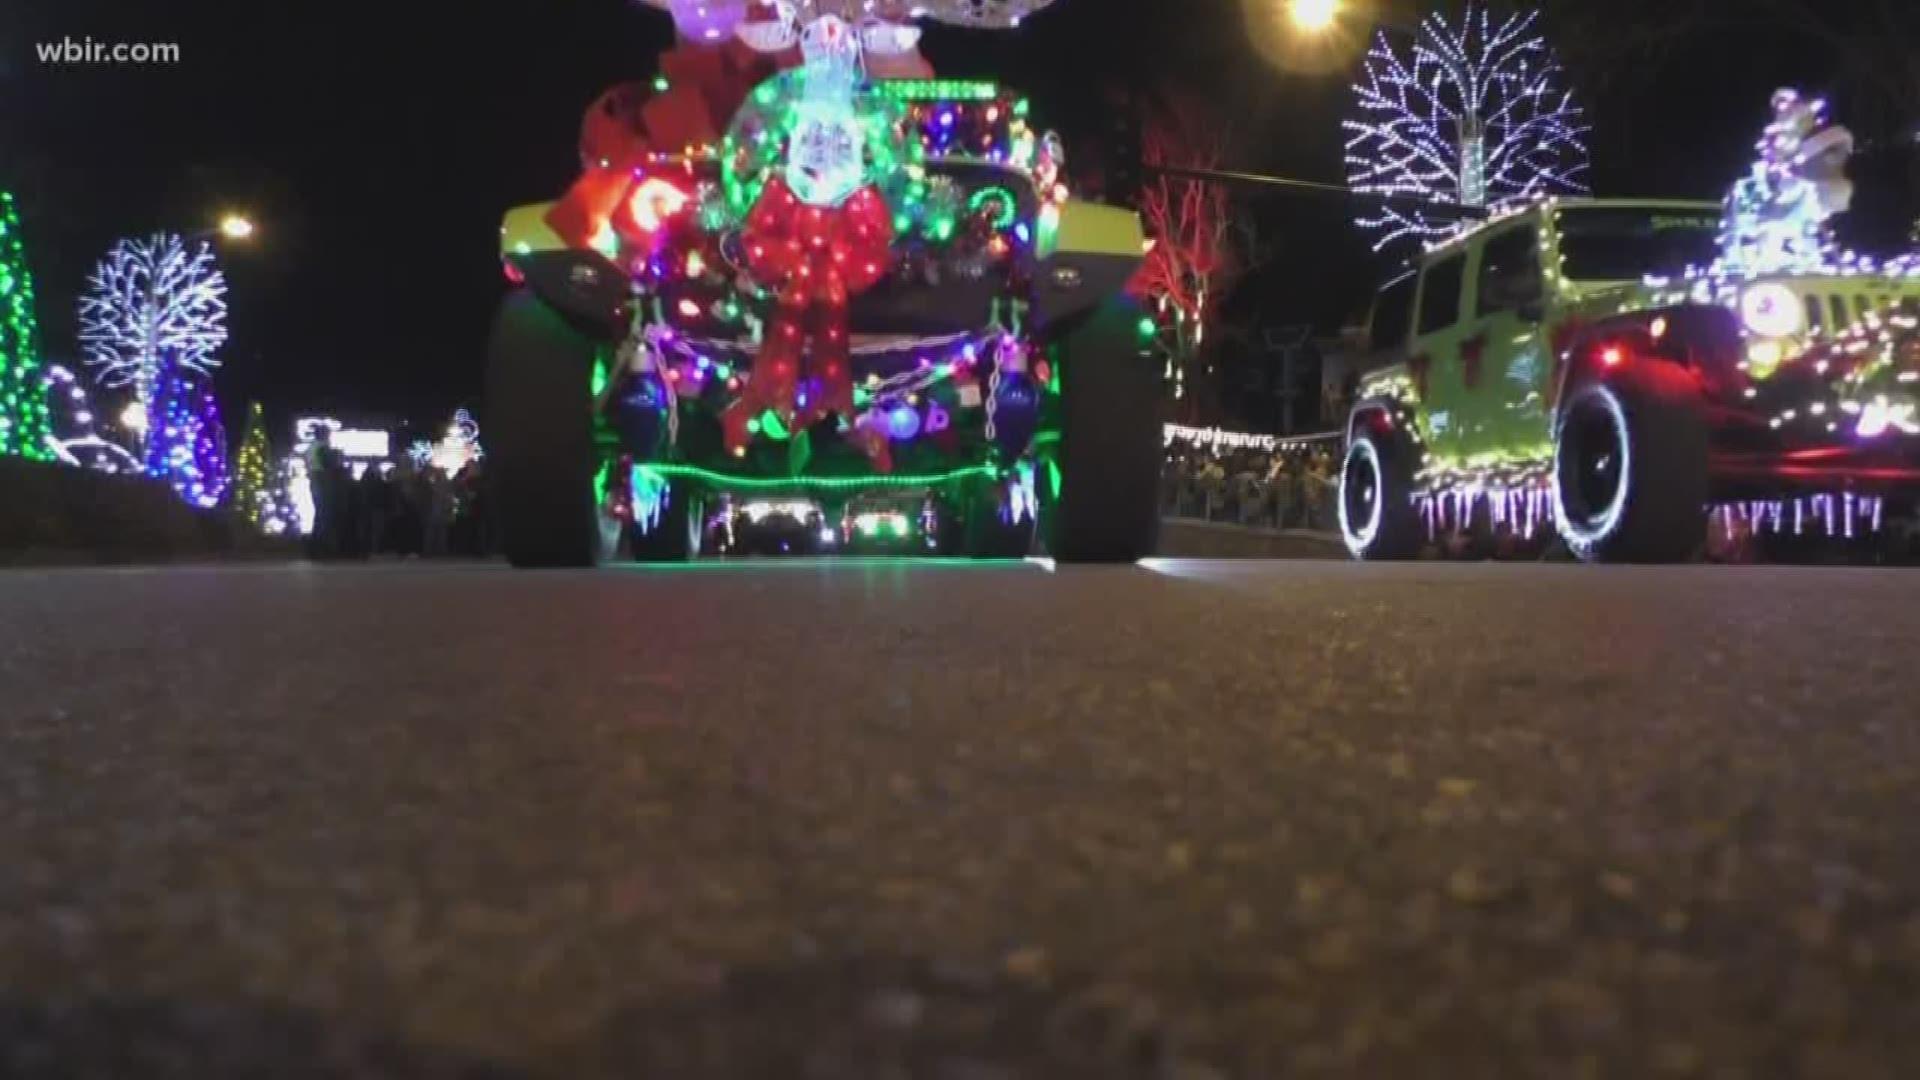 Morristown, Tn Christmas Parade 2021 Gatlinburg Christmas Parade Canceled Weather Blamed Wbir Com